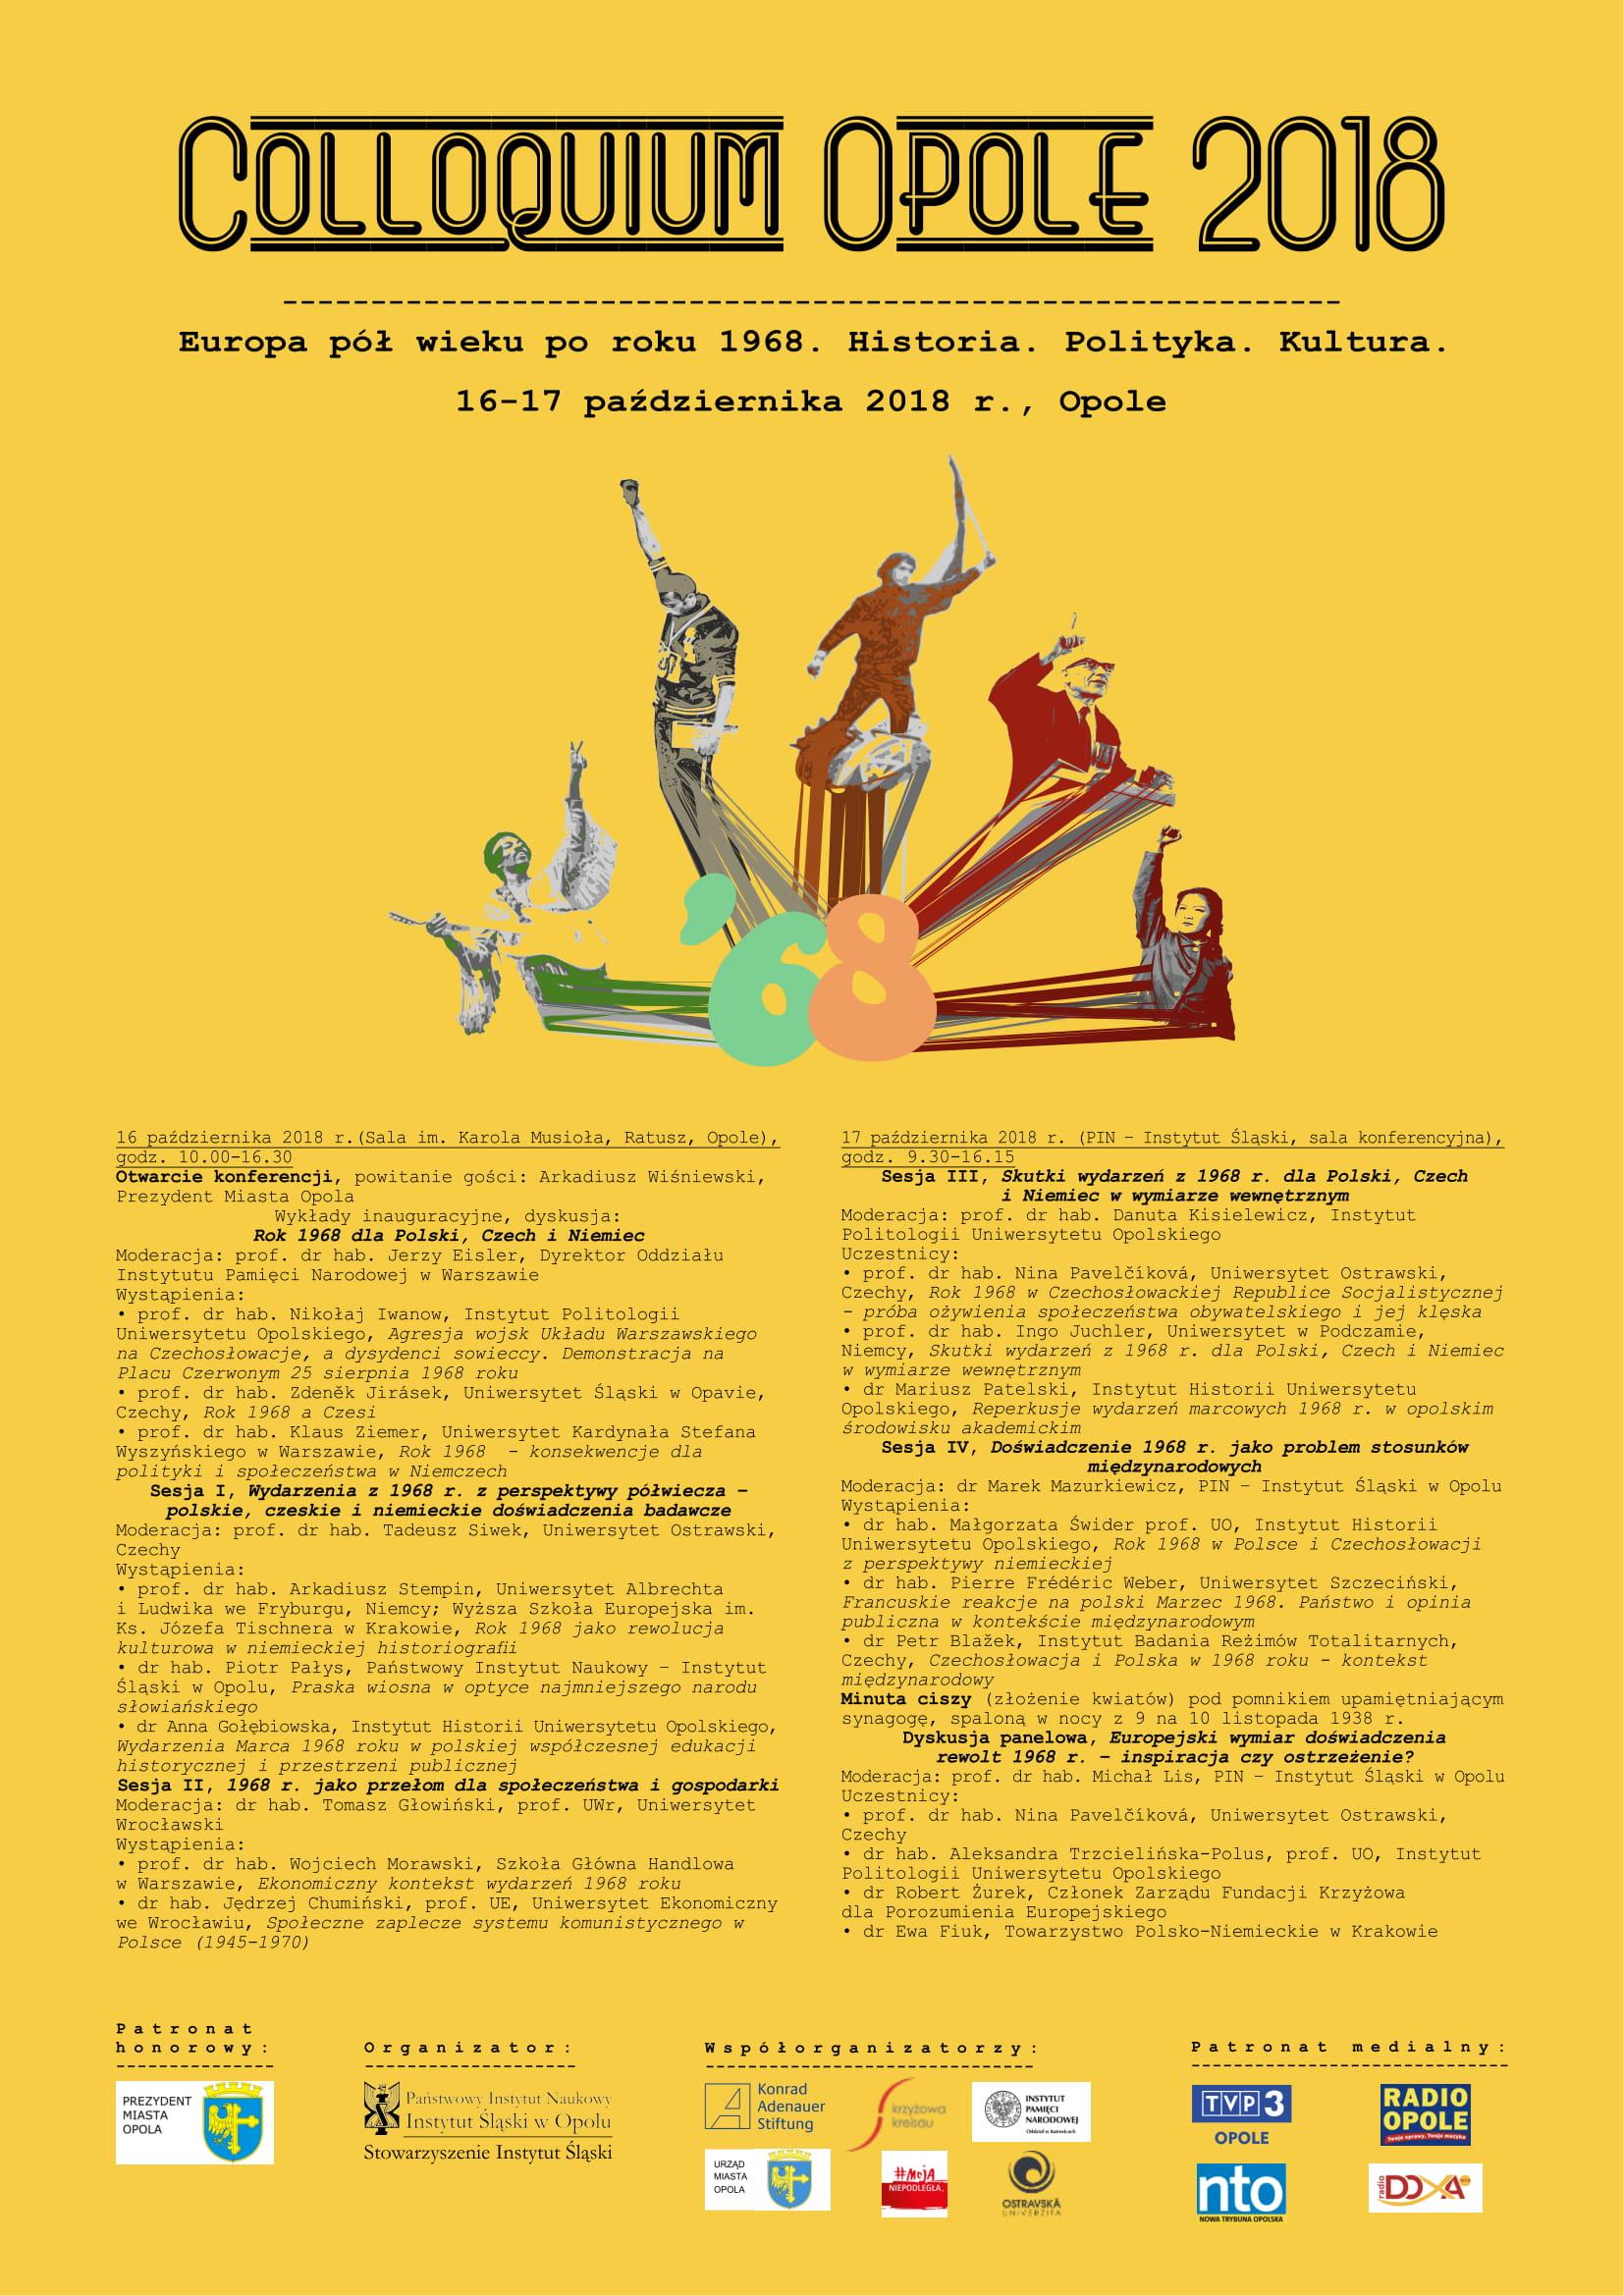 ColloquiumOpole2018-plakat(PL)-1